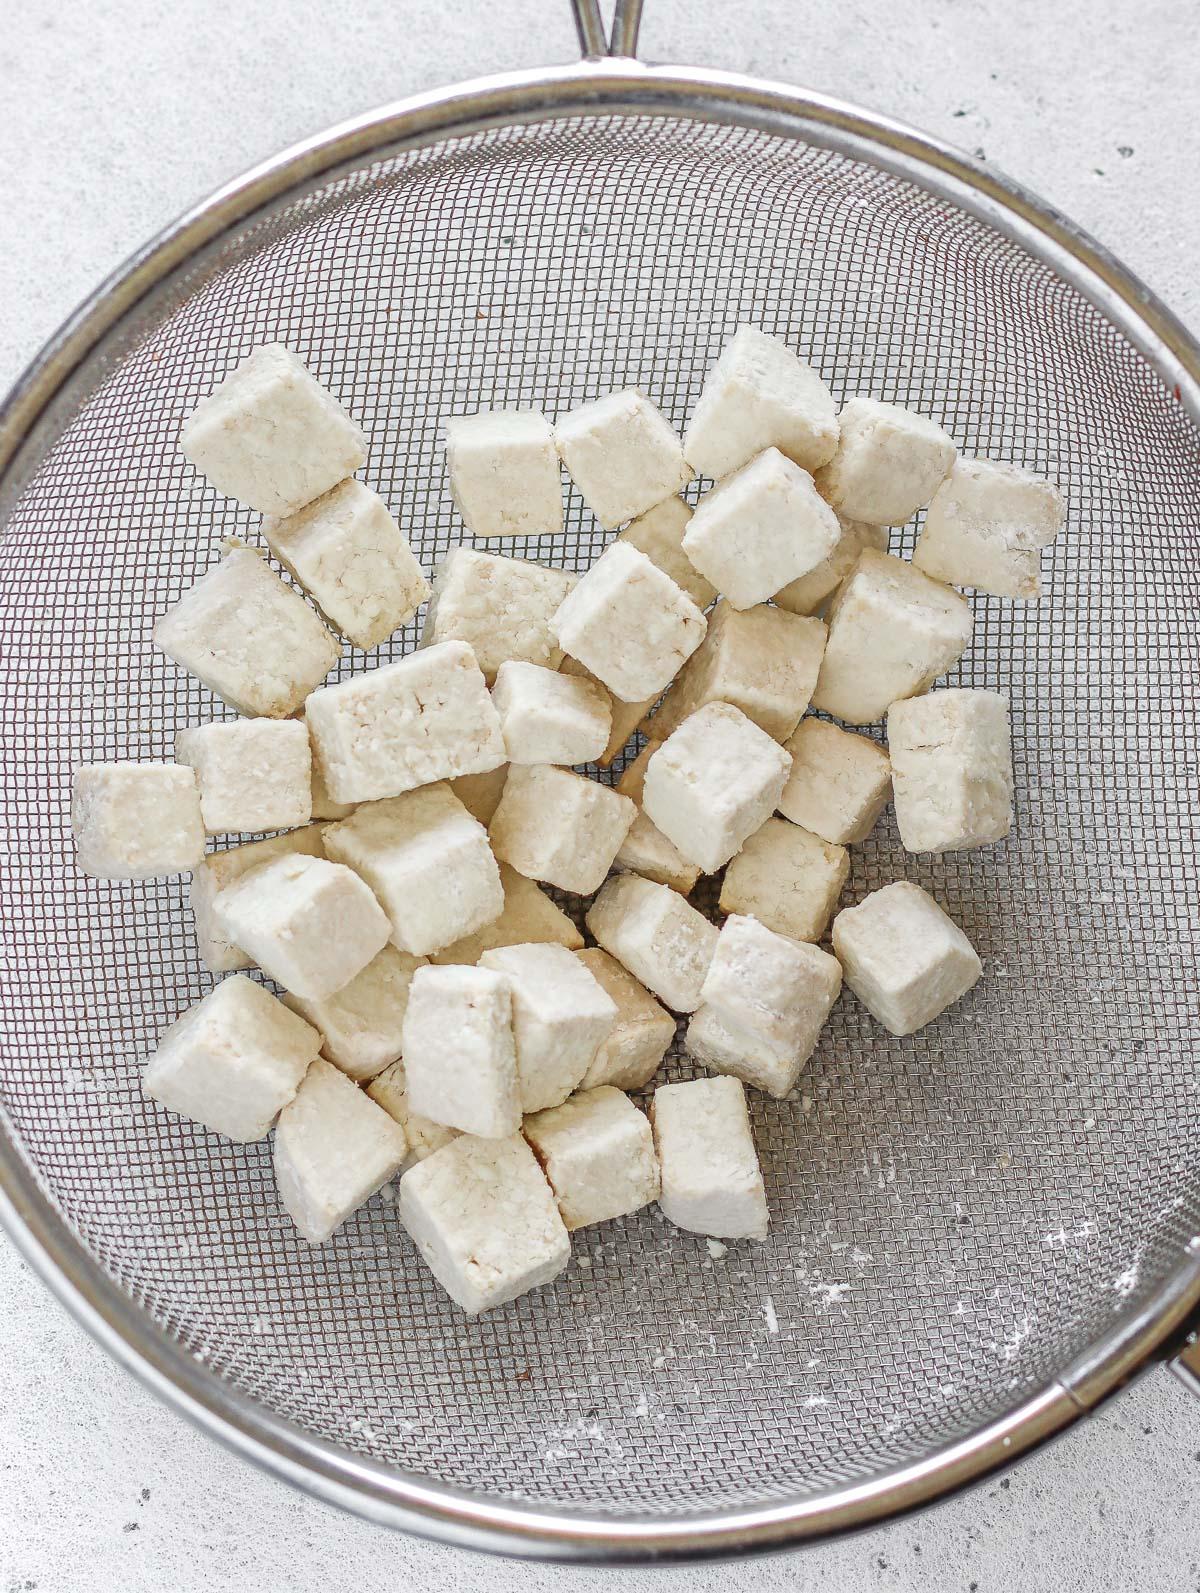 tofu coated in cornstarch